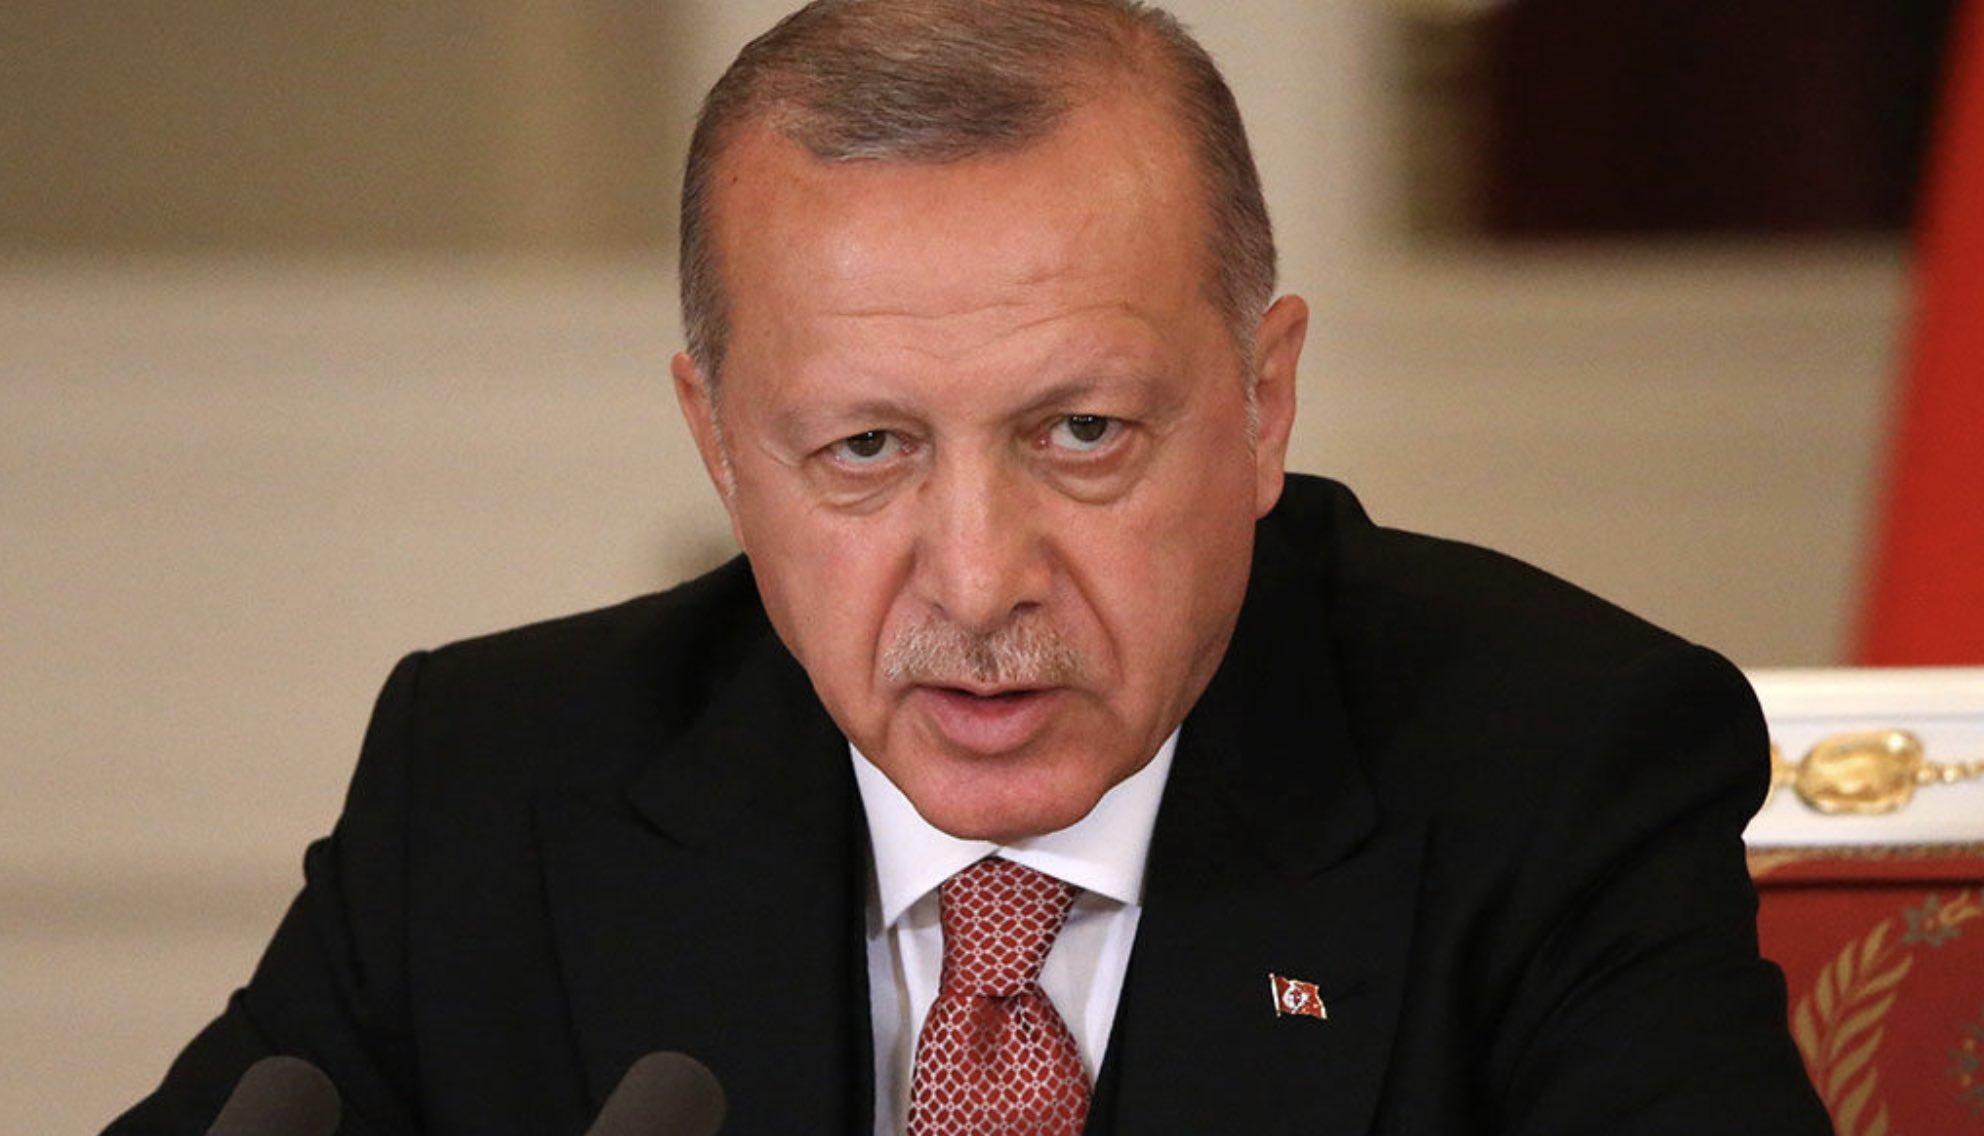 Recep Tayyip Erdogan, Turquía